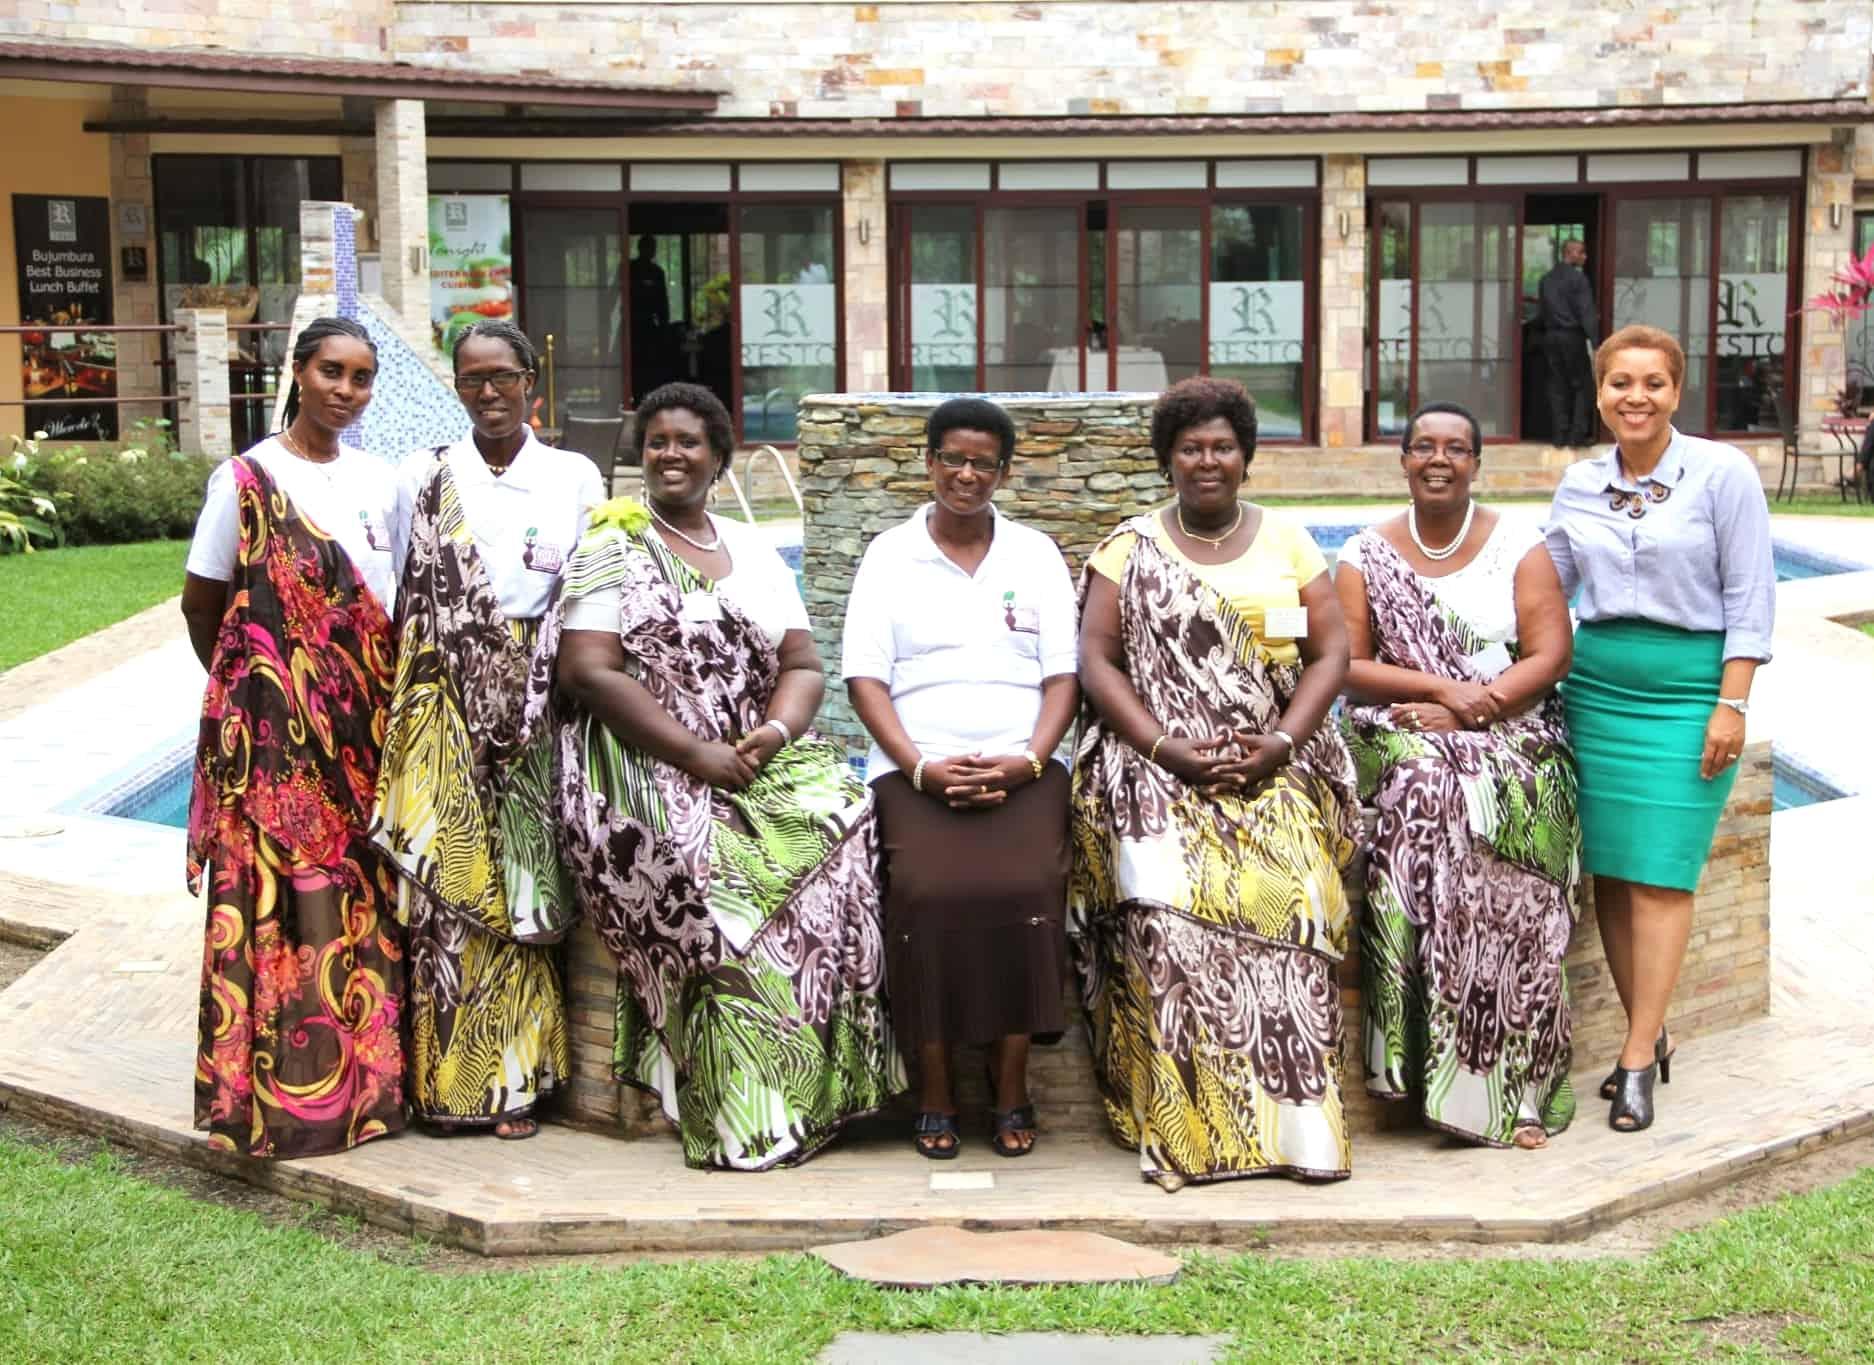 Alianza Internacional de Mujeres